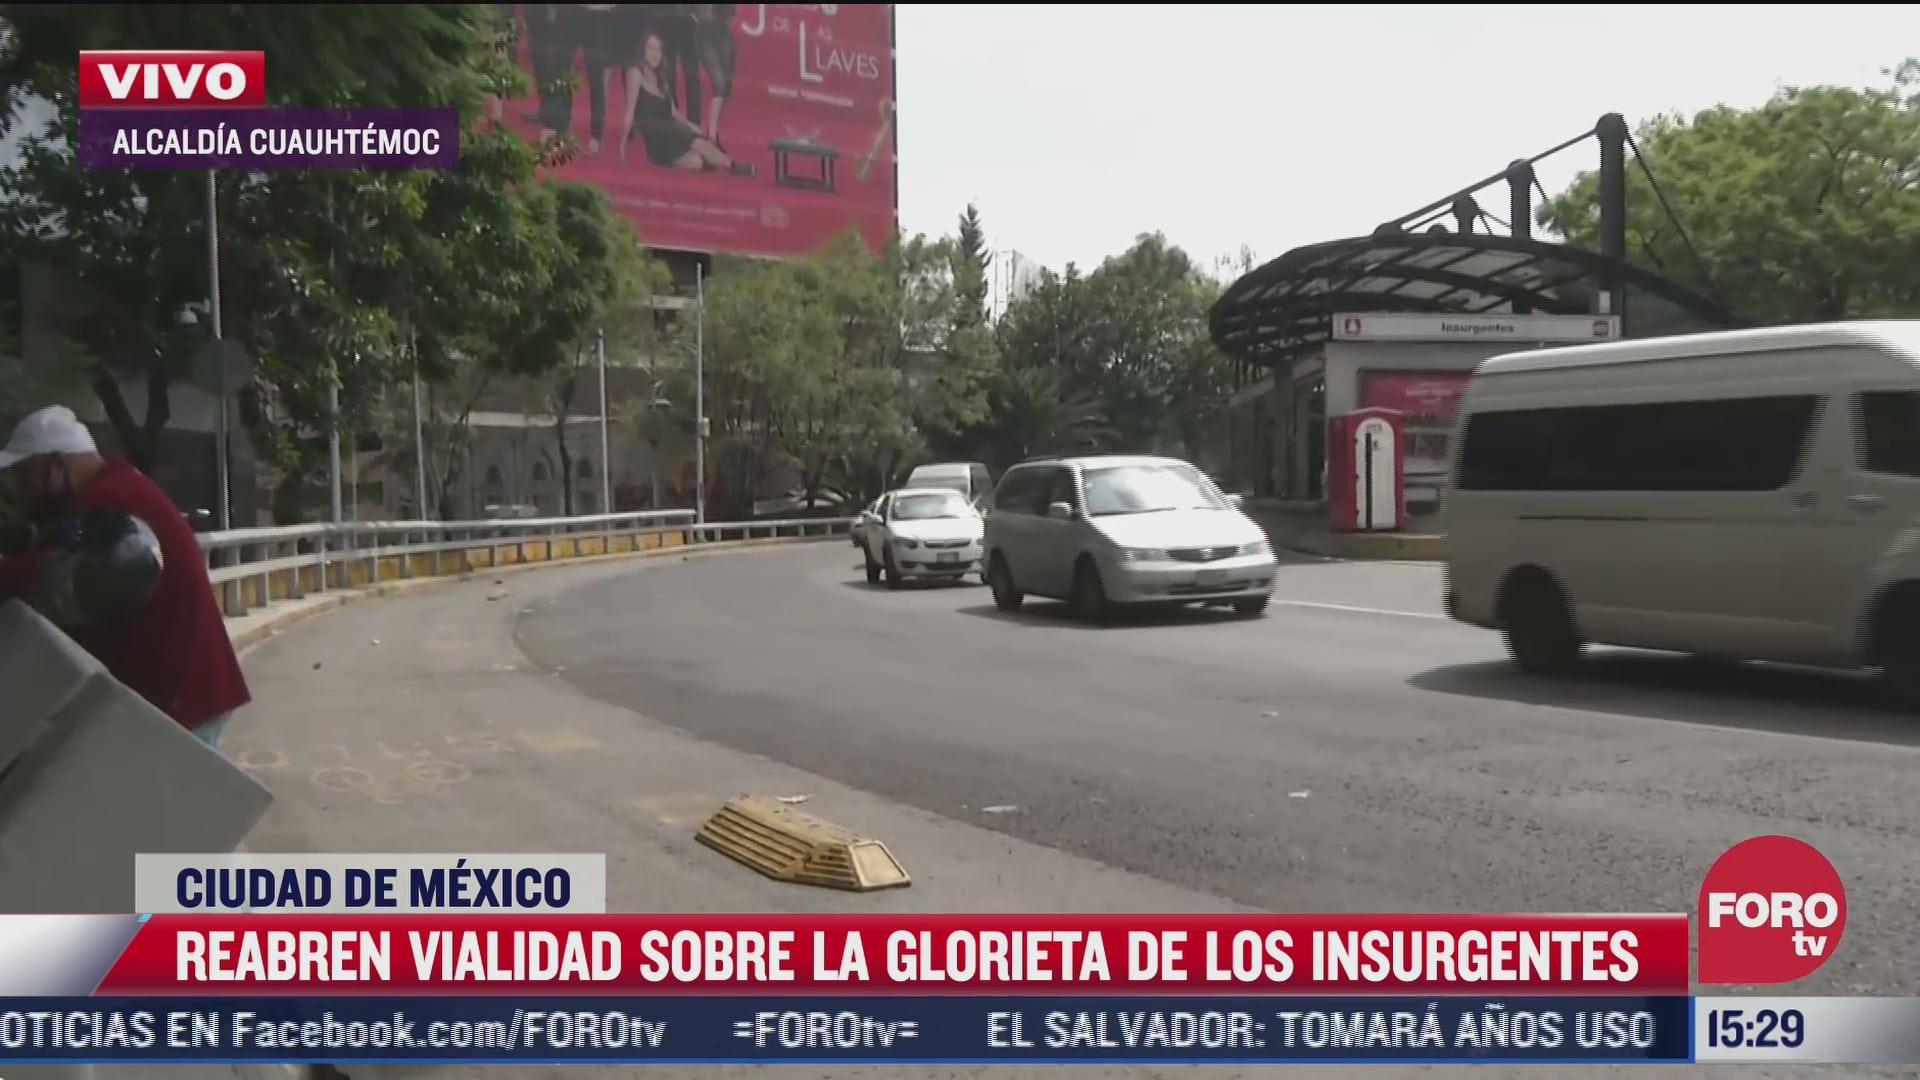 reabren vialidad sobre glorieta de los insurgentes tras bloqueo de normalistas